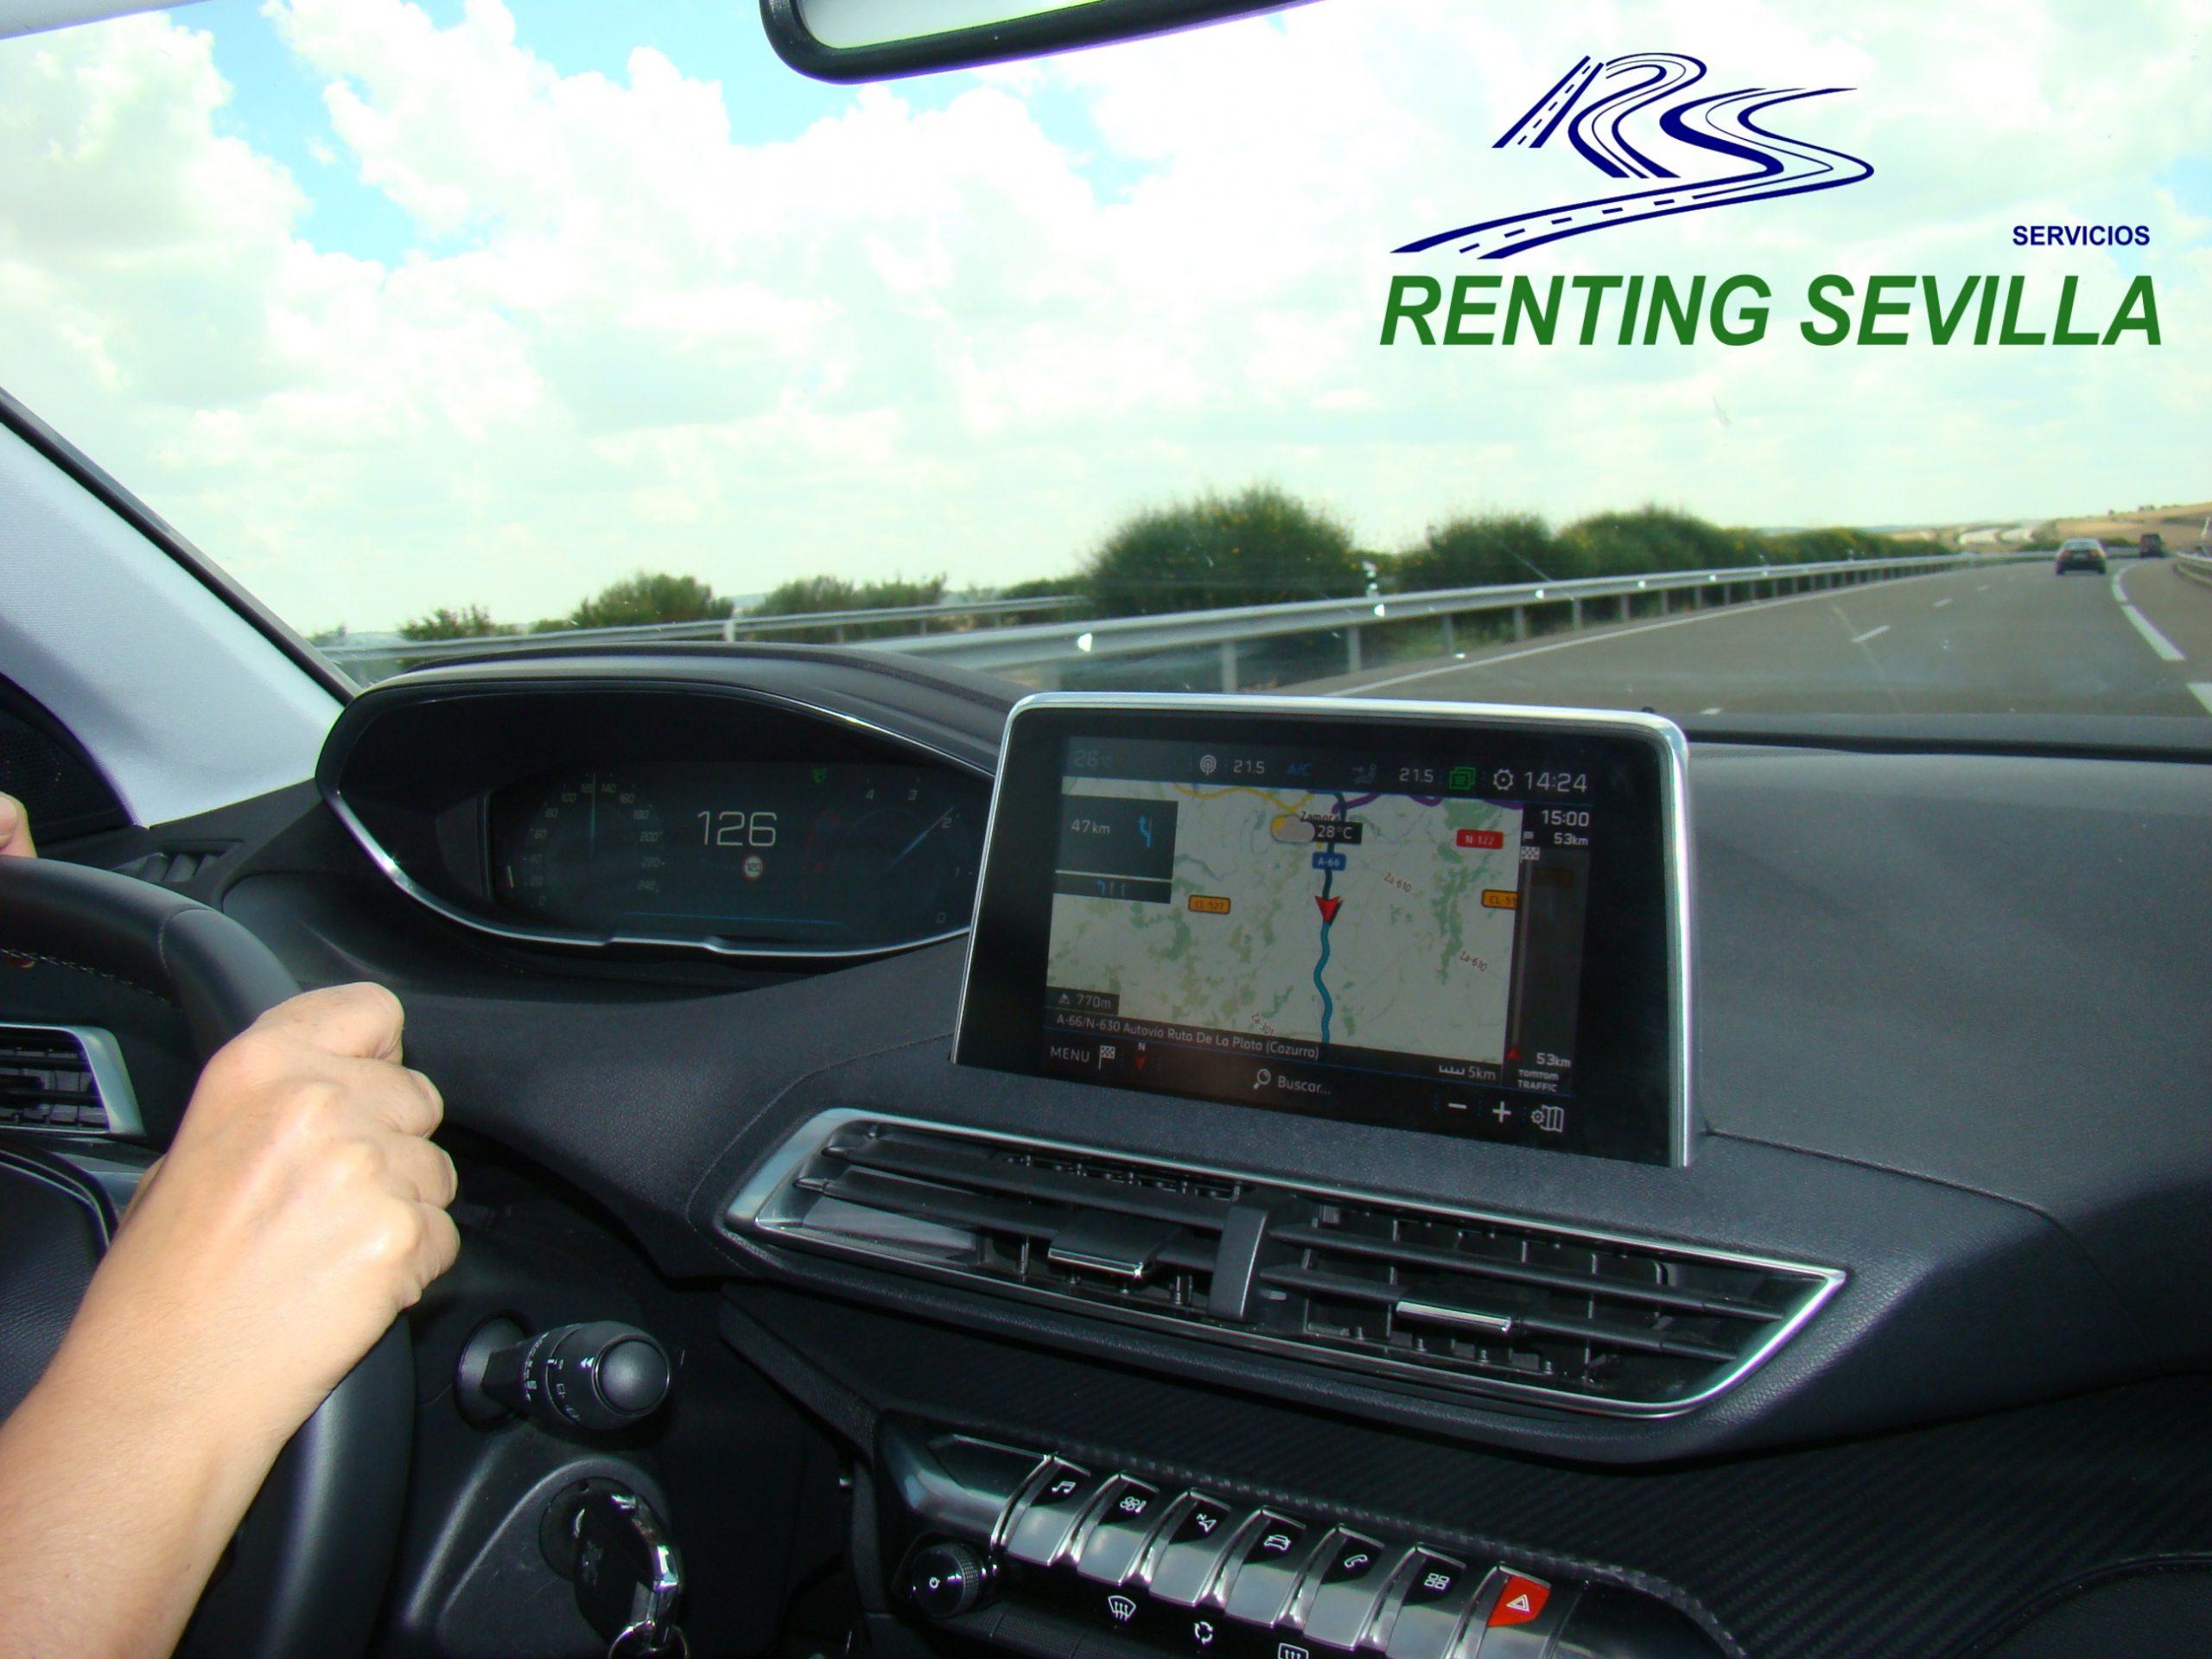 Tecnología Alquiler Renting la mejor combinación para disfrutar tú nuevo vehículo